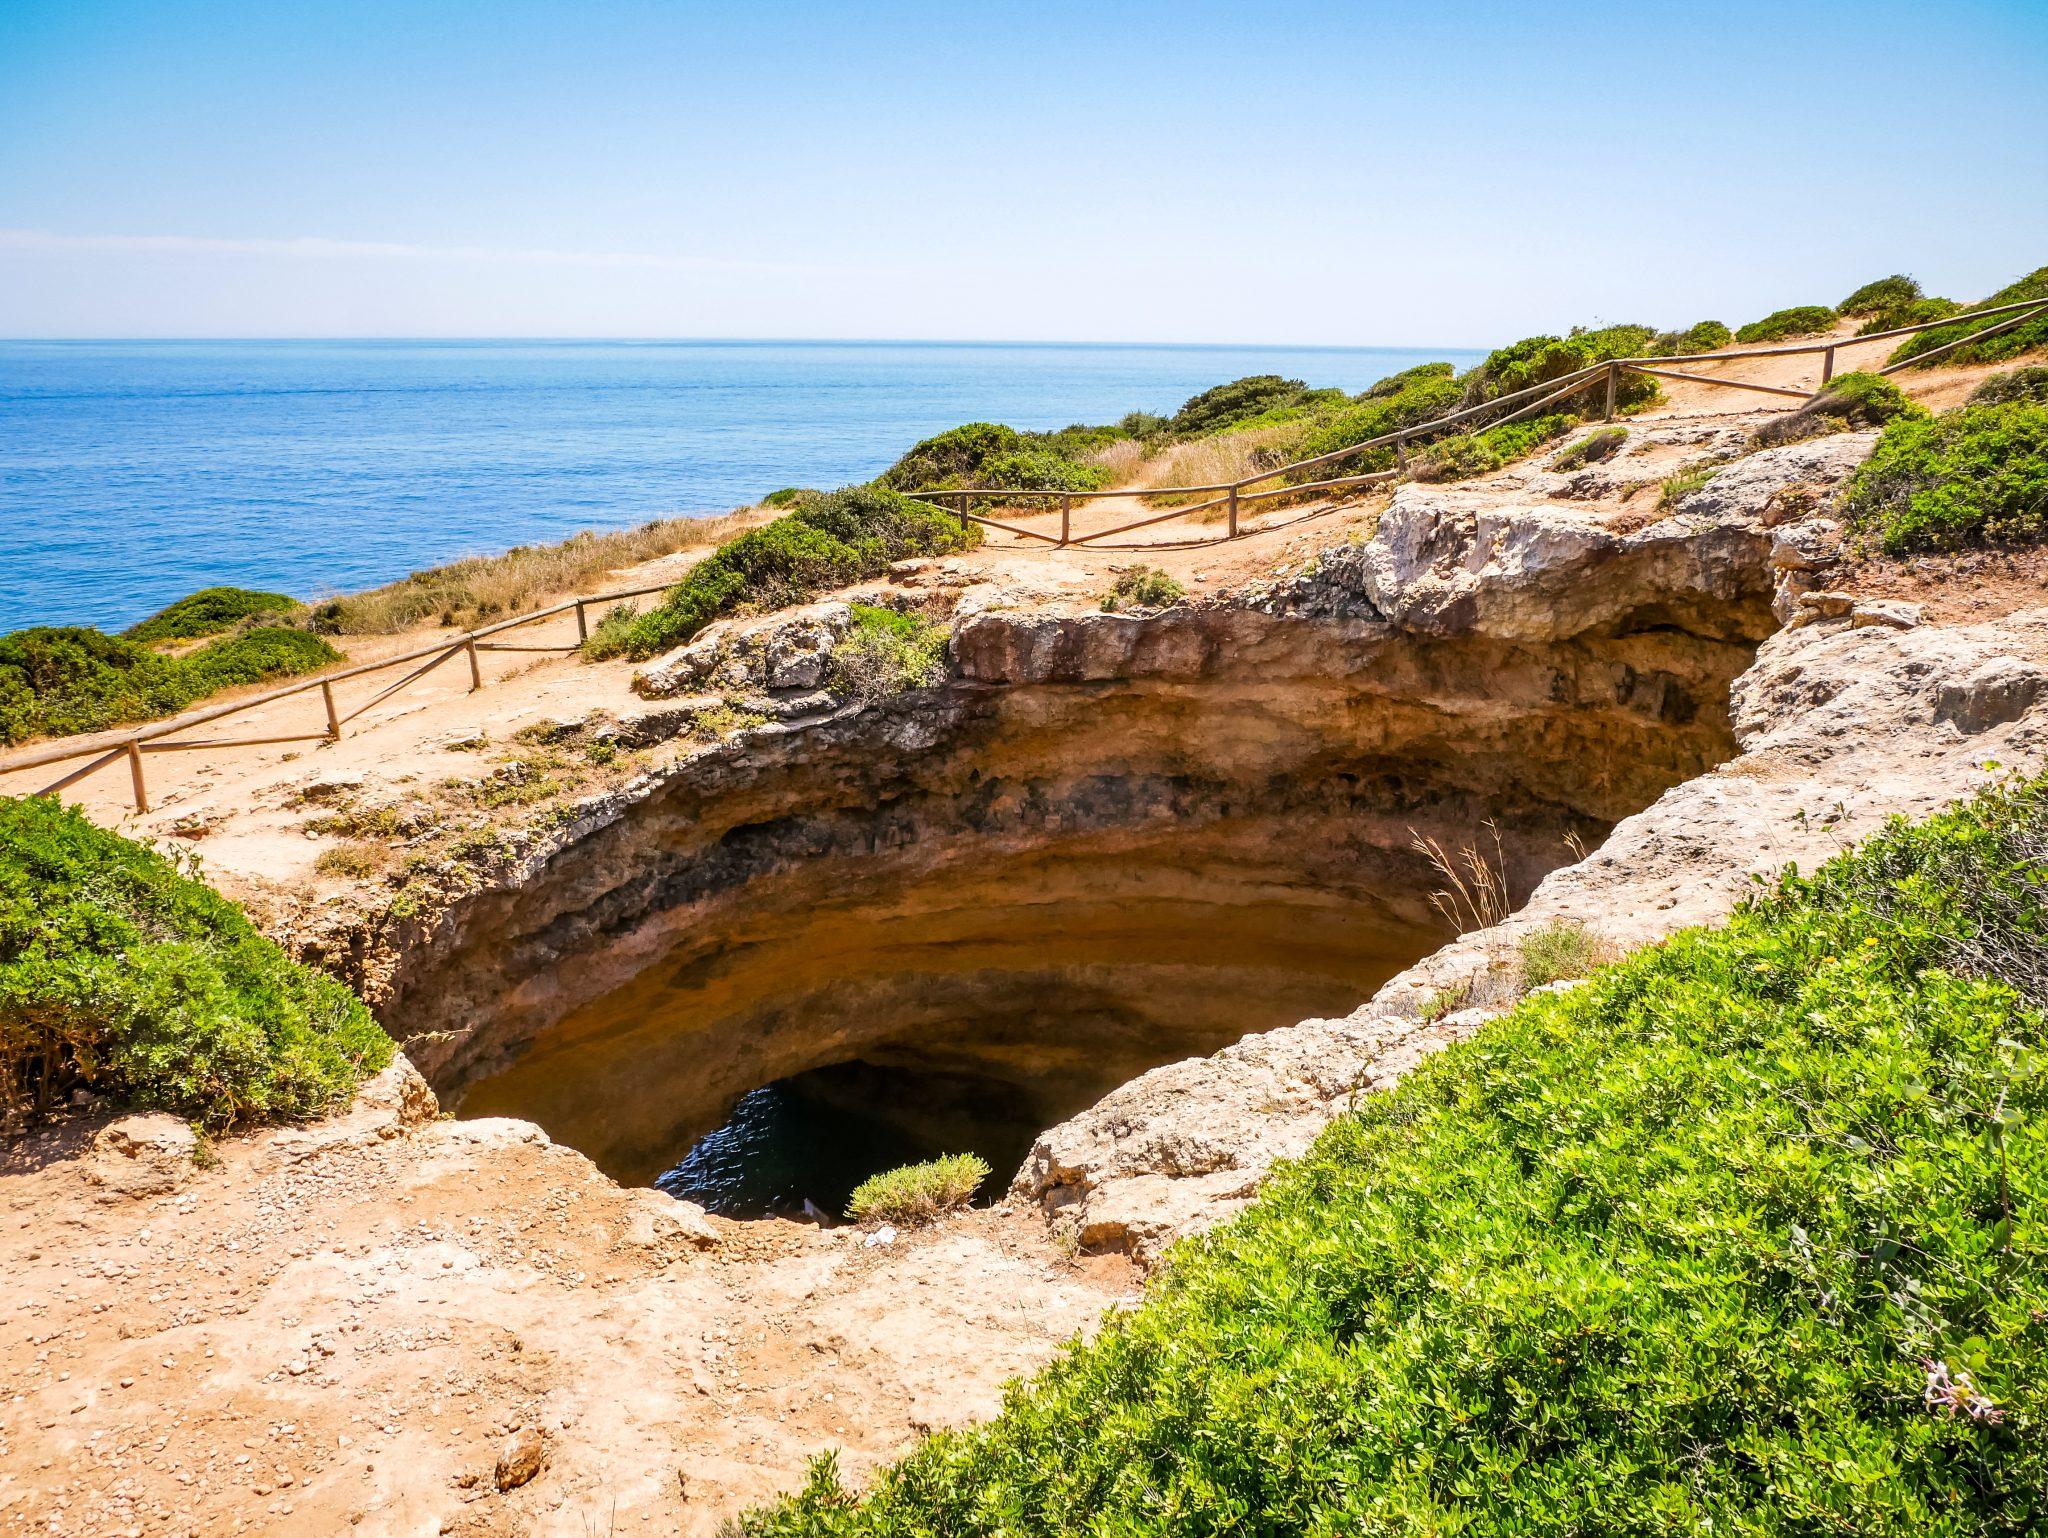 Während der Bootstour kannst du viele der bekanntesten Höhlen Europas erkunden.